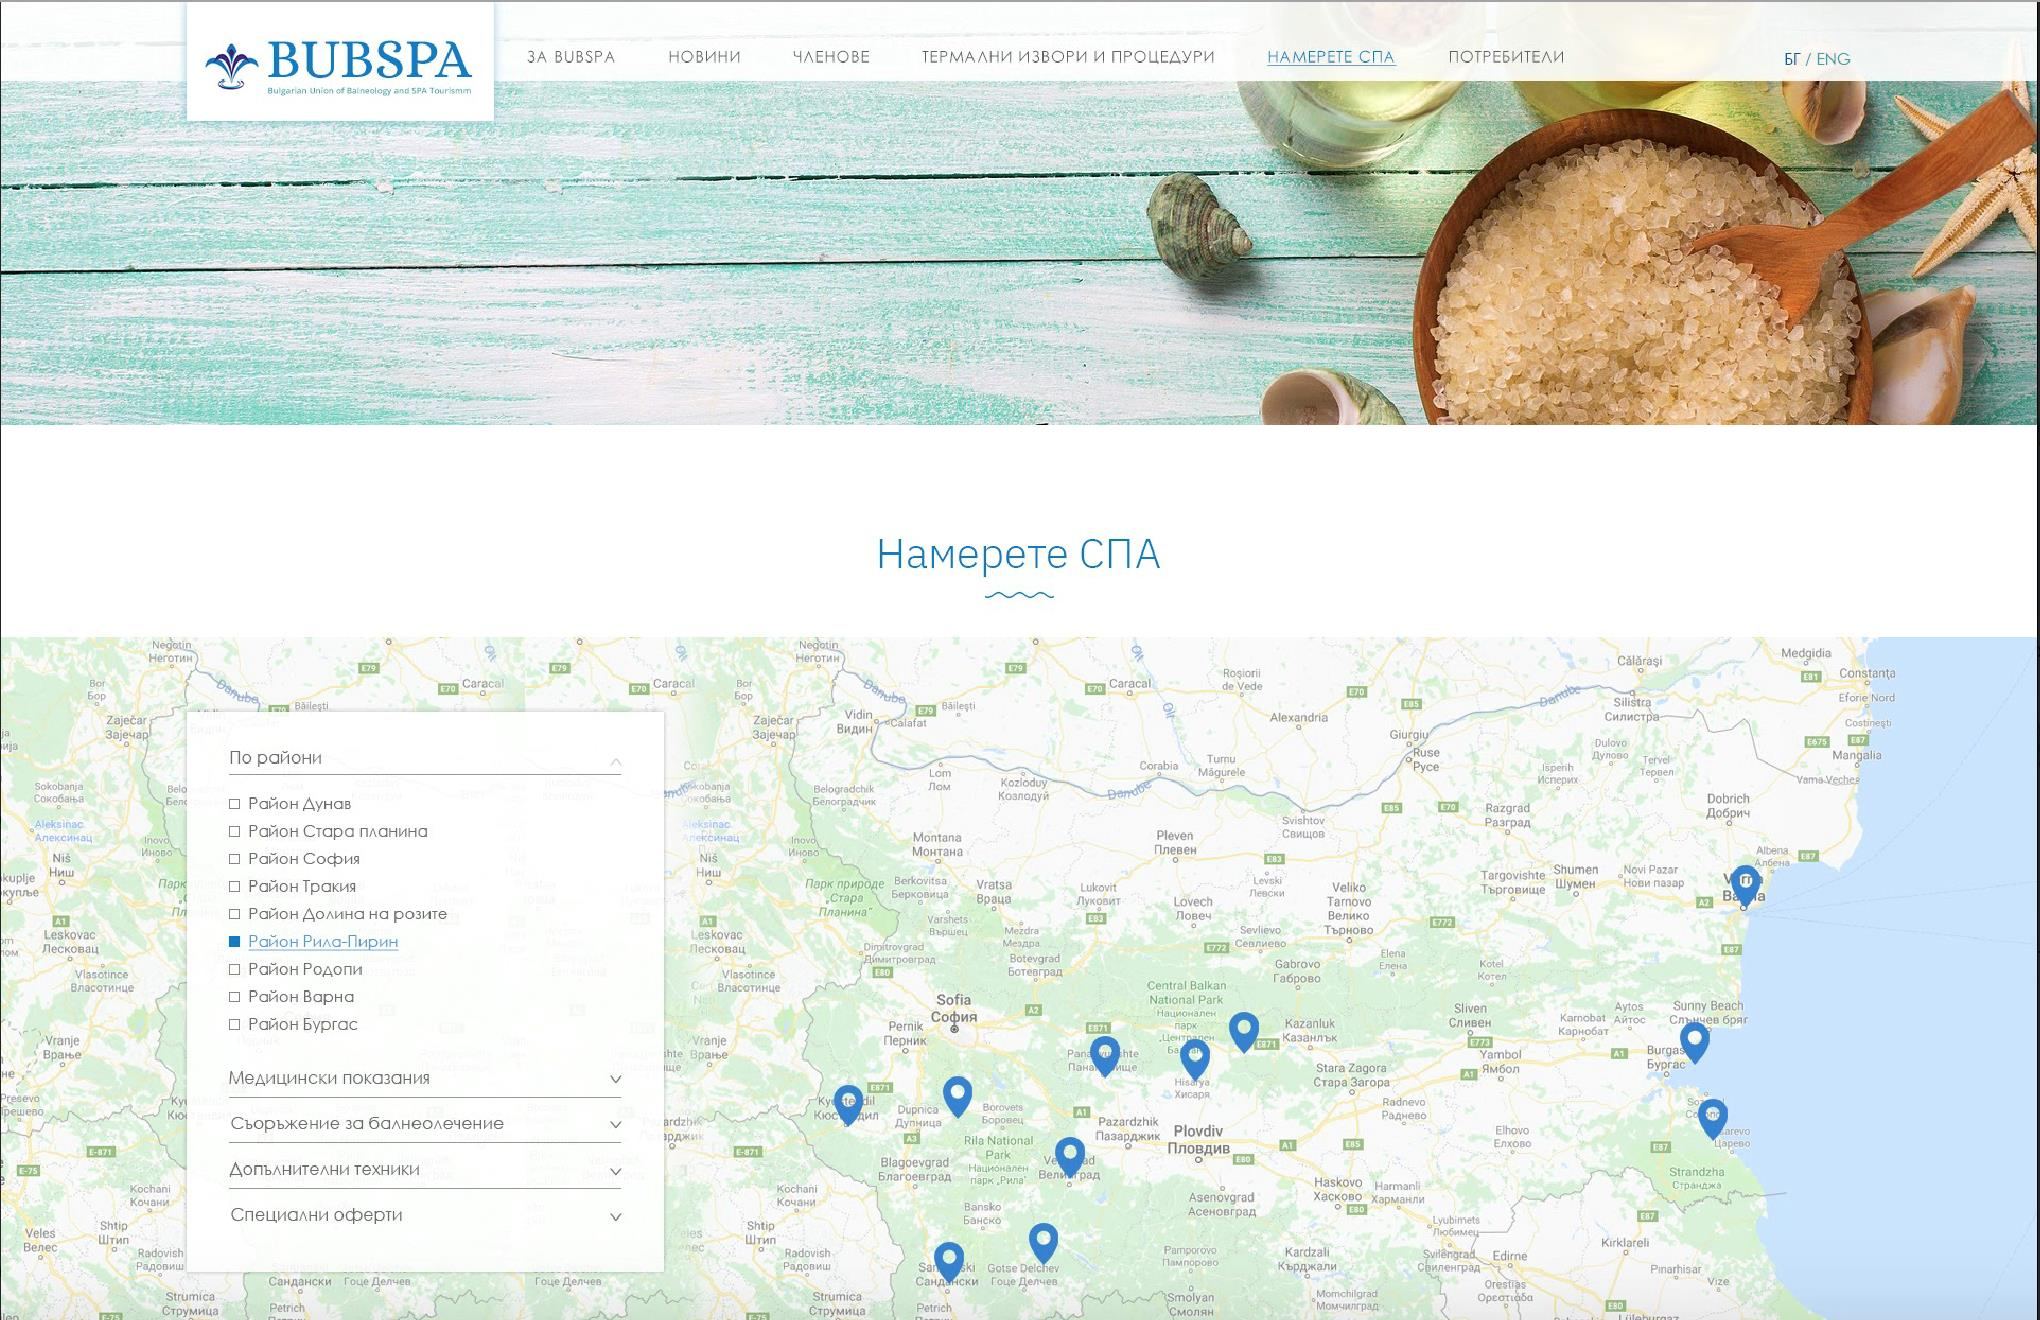 предварителна визия от заданието за разработка интерактивната карта на BUBSPA с новата WAW Clientric | WEB платформа